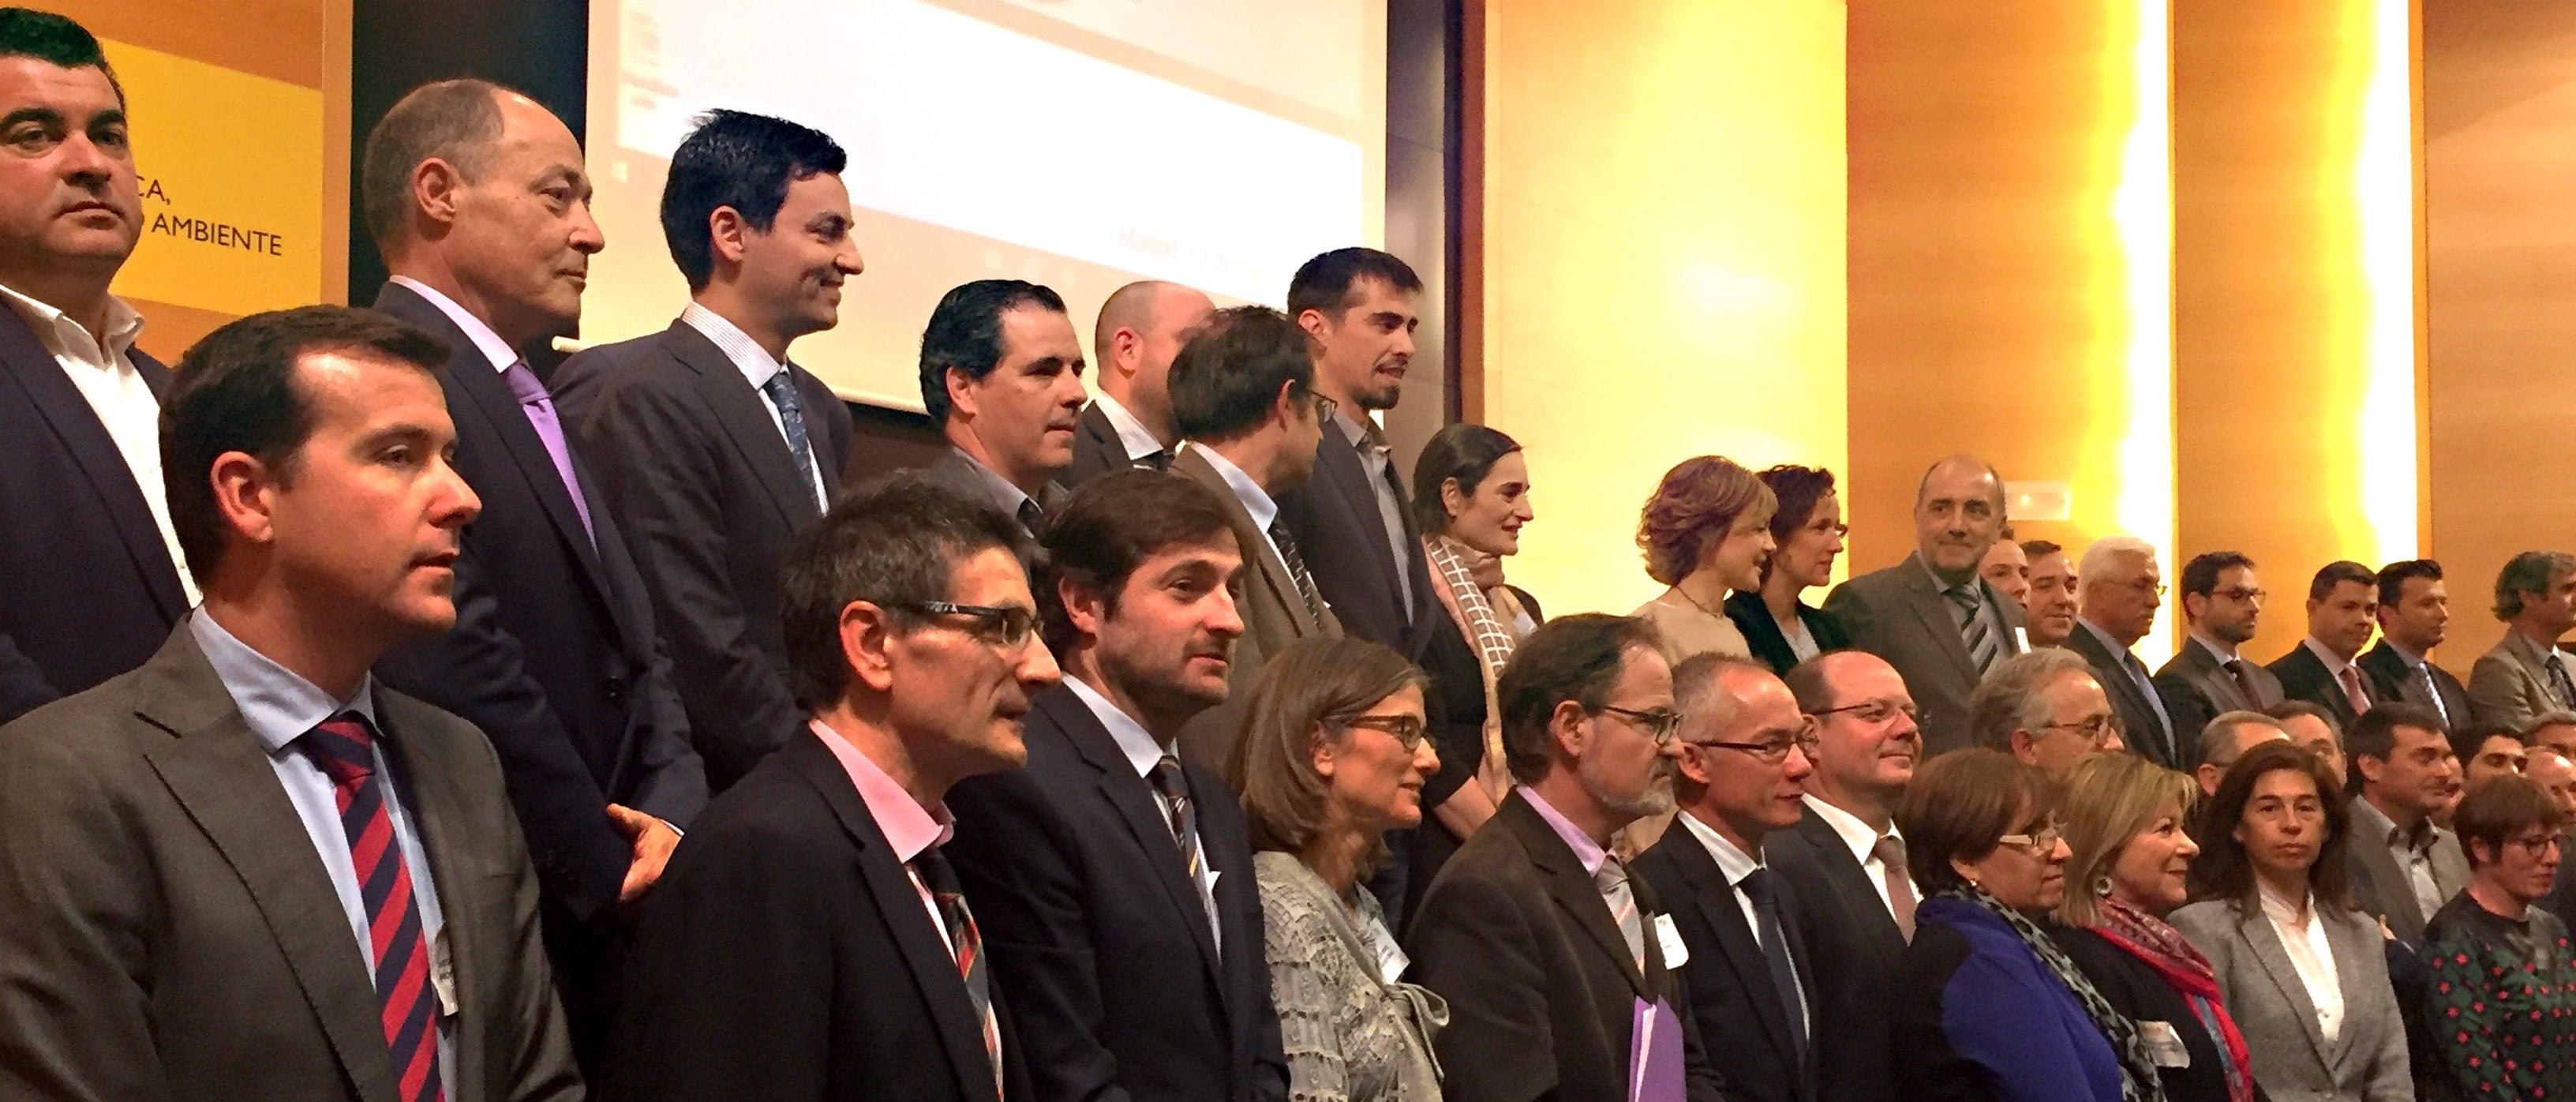 Premiados del Proyecto Clima, Ministerio de Medio Ambiente